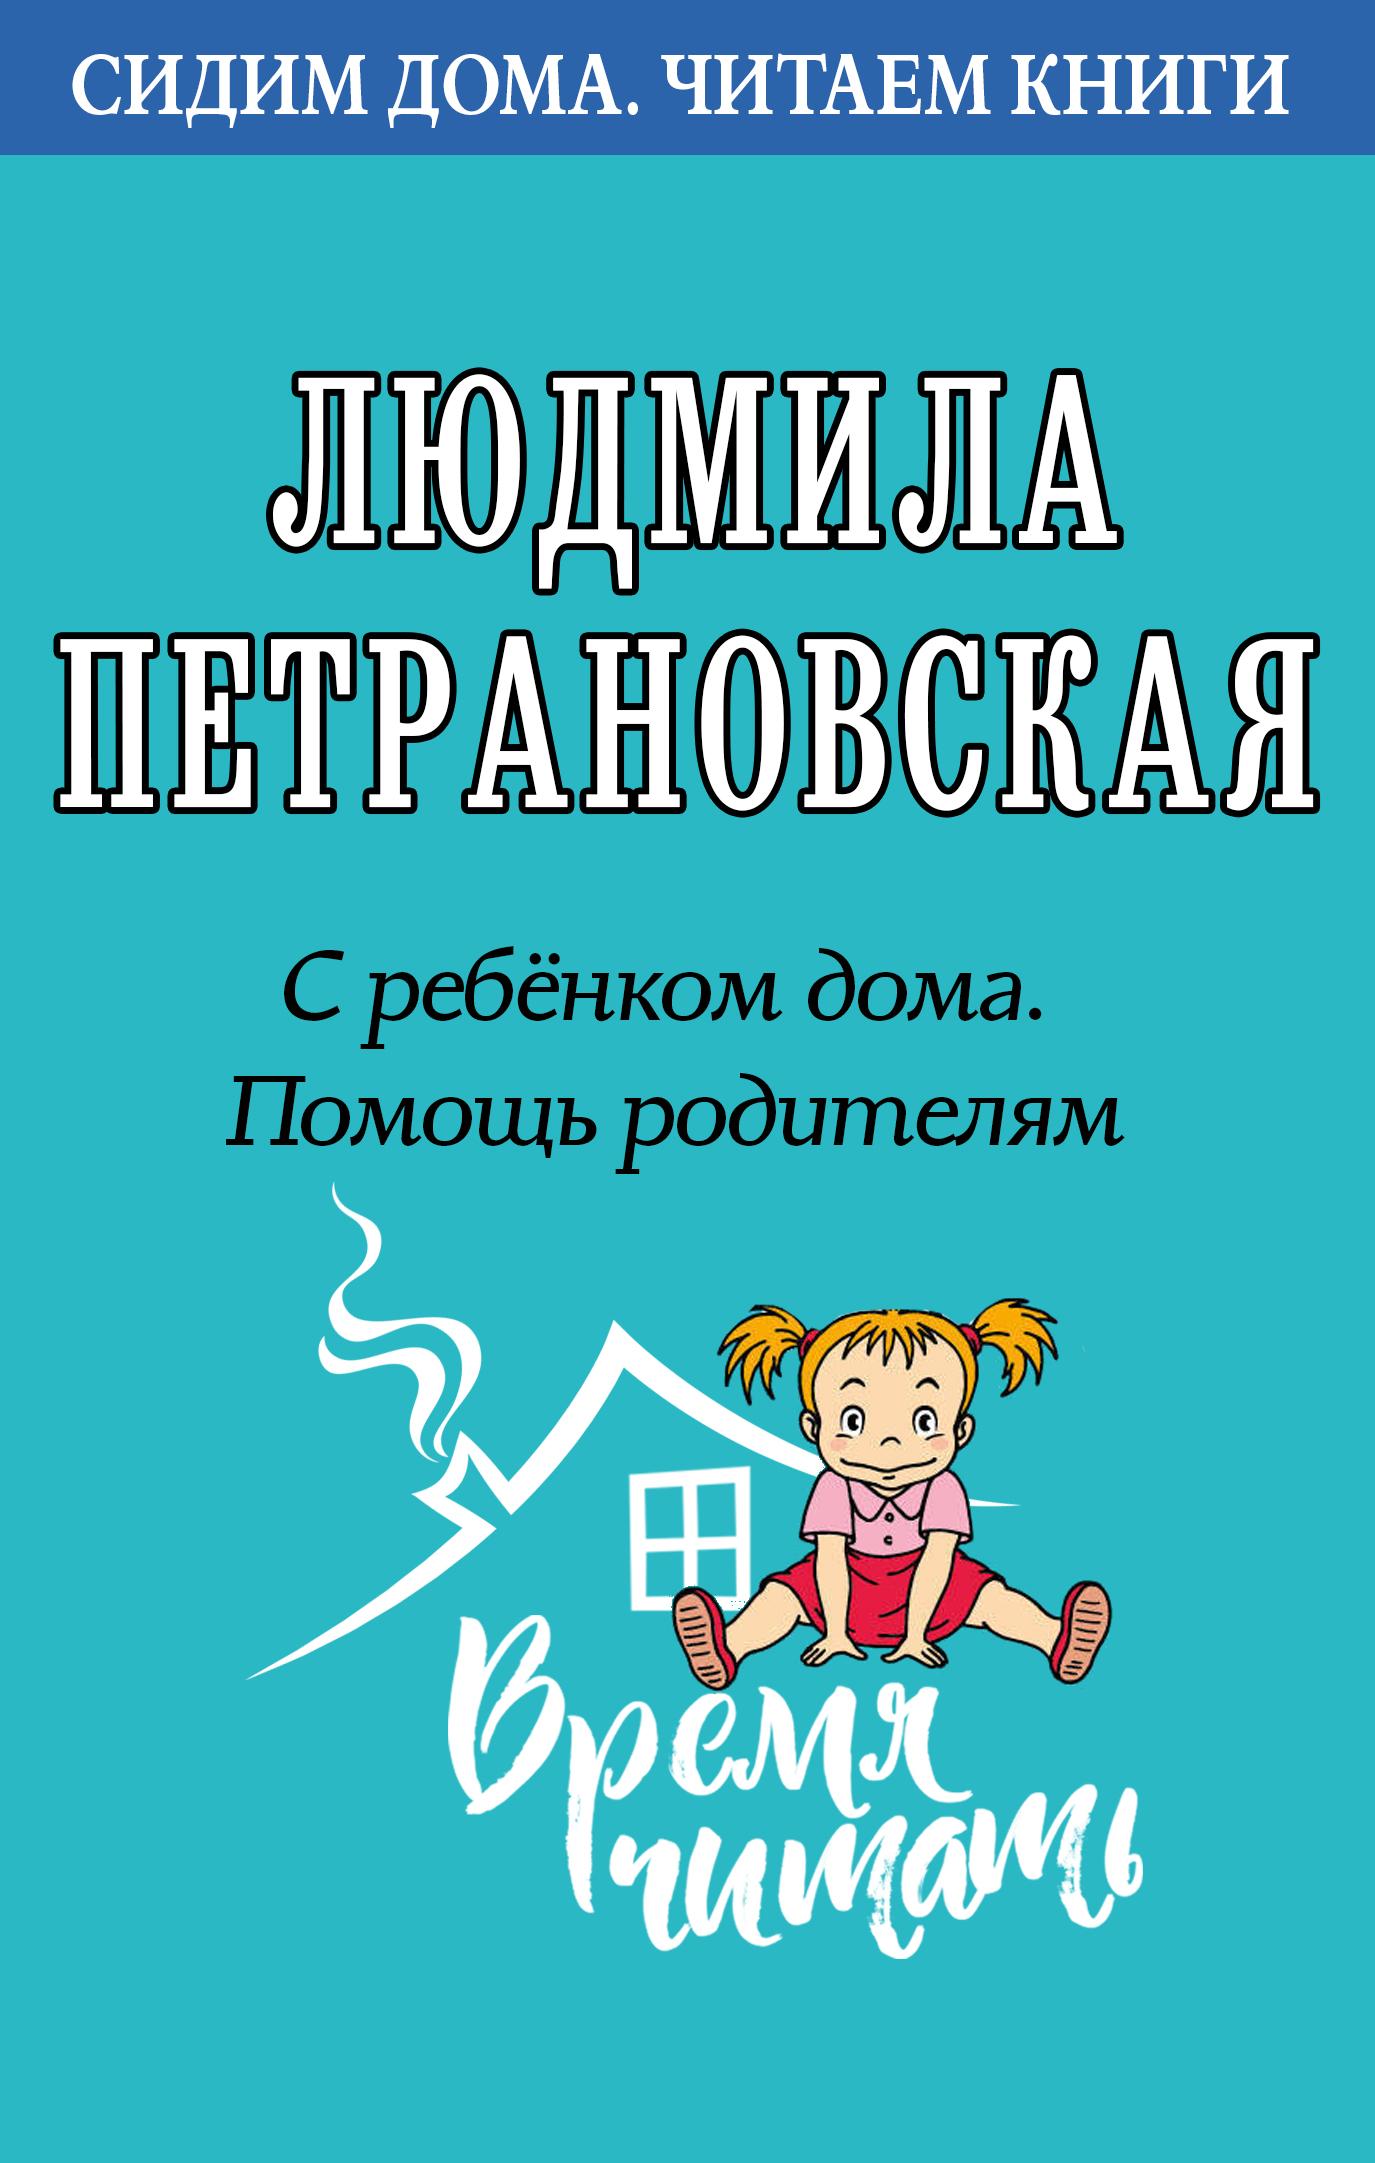 С ребенком дома. Помощь родителям